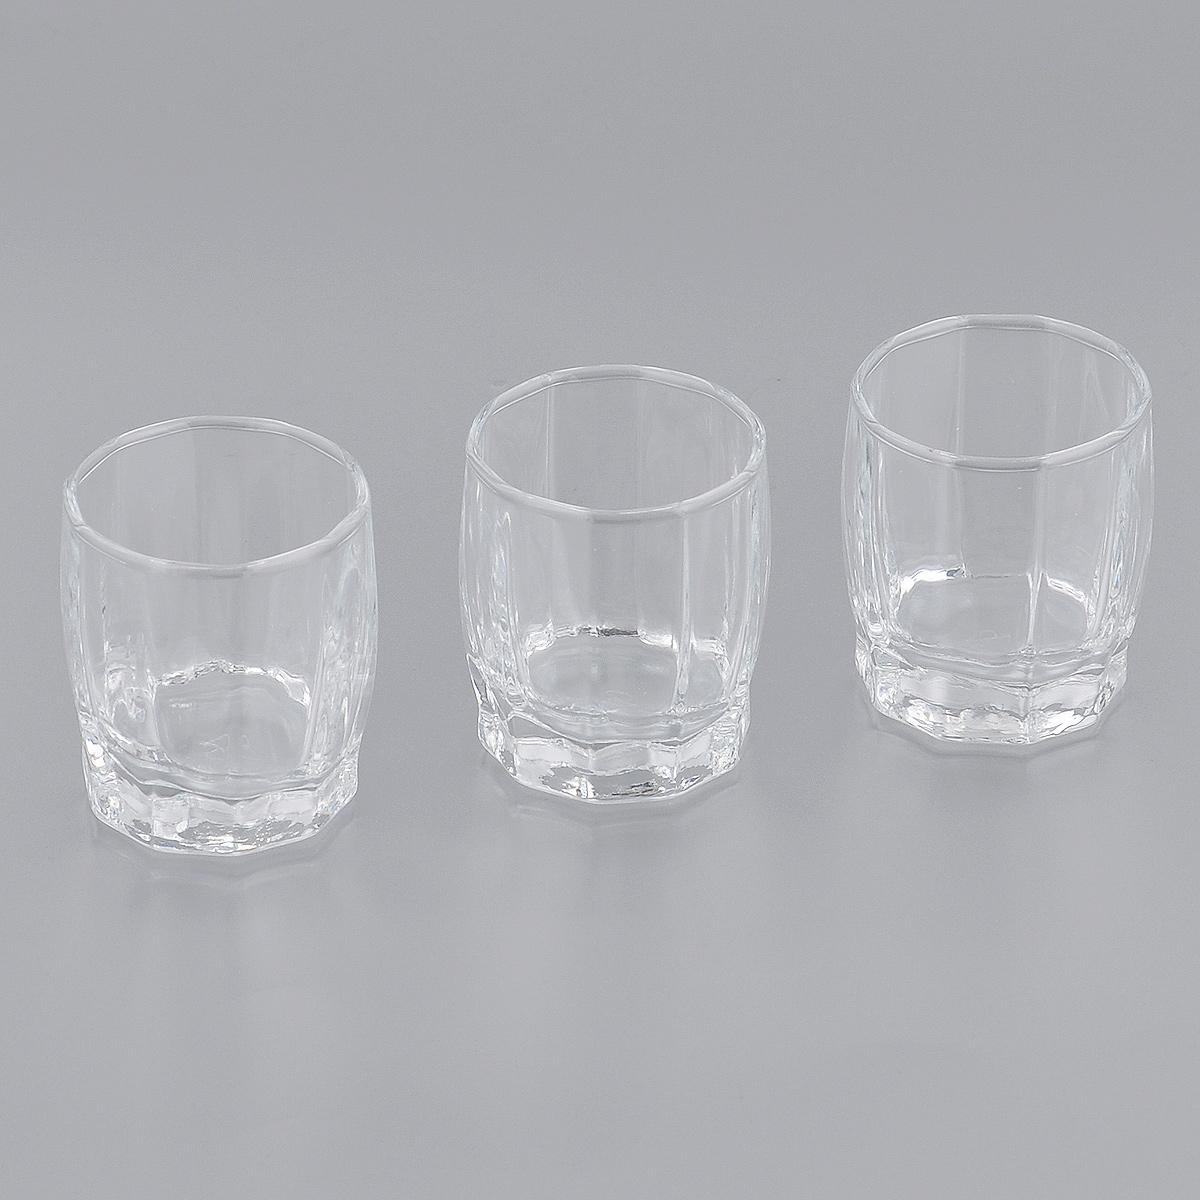 Набор стопок Pasabahce для водки Dance, 60 мл, 3 шт42864BНабор Pasabahce Dance, выполненный из высококачественного стекла, состоит из трех стопок. Стопки с утолщенным дном прекрасно подойдут для подачи водки или других крепких напитков. Эстетичность, функциональность и изящный дизайн сделают набор достойным дополнением к вашему кухонному инвентарю. Набор стопок Pasabahce Dance украсит ваш стол и станет отличным подарком к любому празднику. Можно использовать в морозильной камере и микроволновой печи. Можно мыть в посудомоечной машине. Диаметр стопки по верхнему краю: 4,5 см. Высота стопки: 5,5 см.